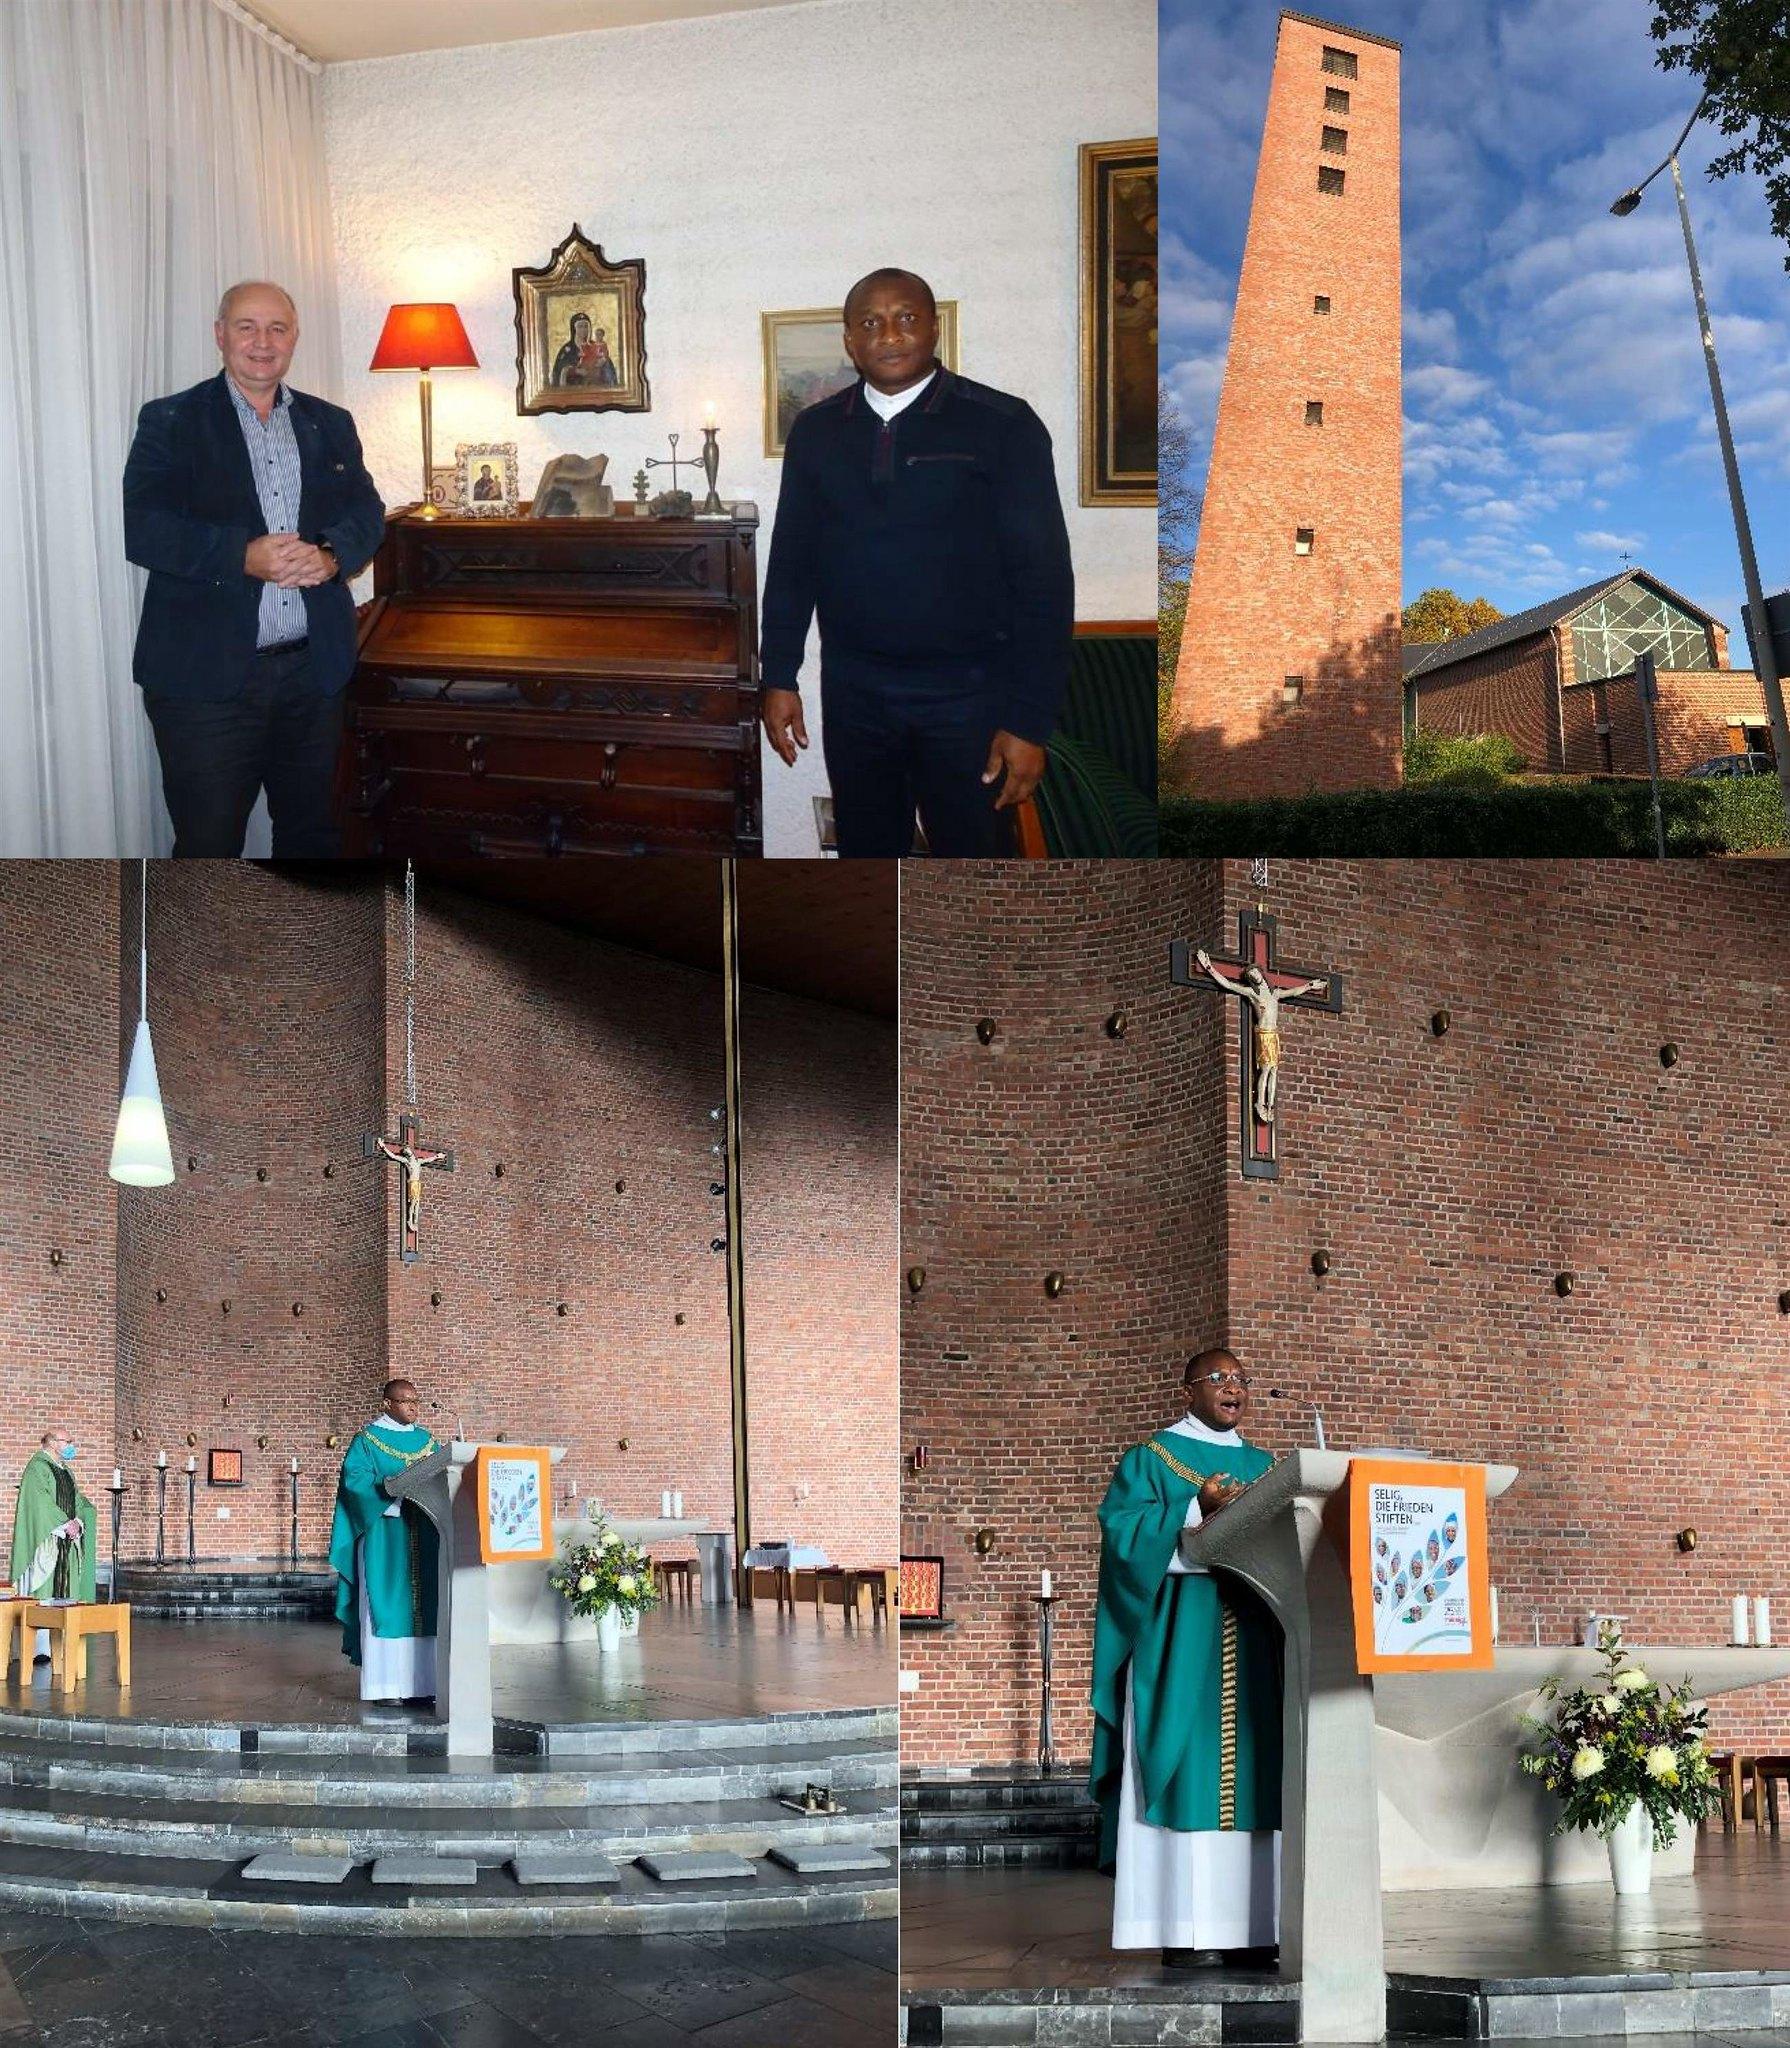 Sprecher der Afrikanischen Gemeinden in NRW im Erzbistum Köln_01